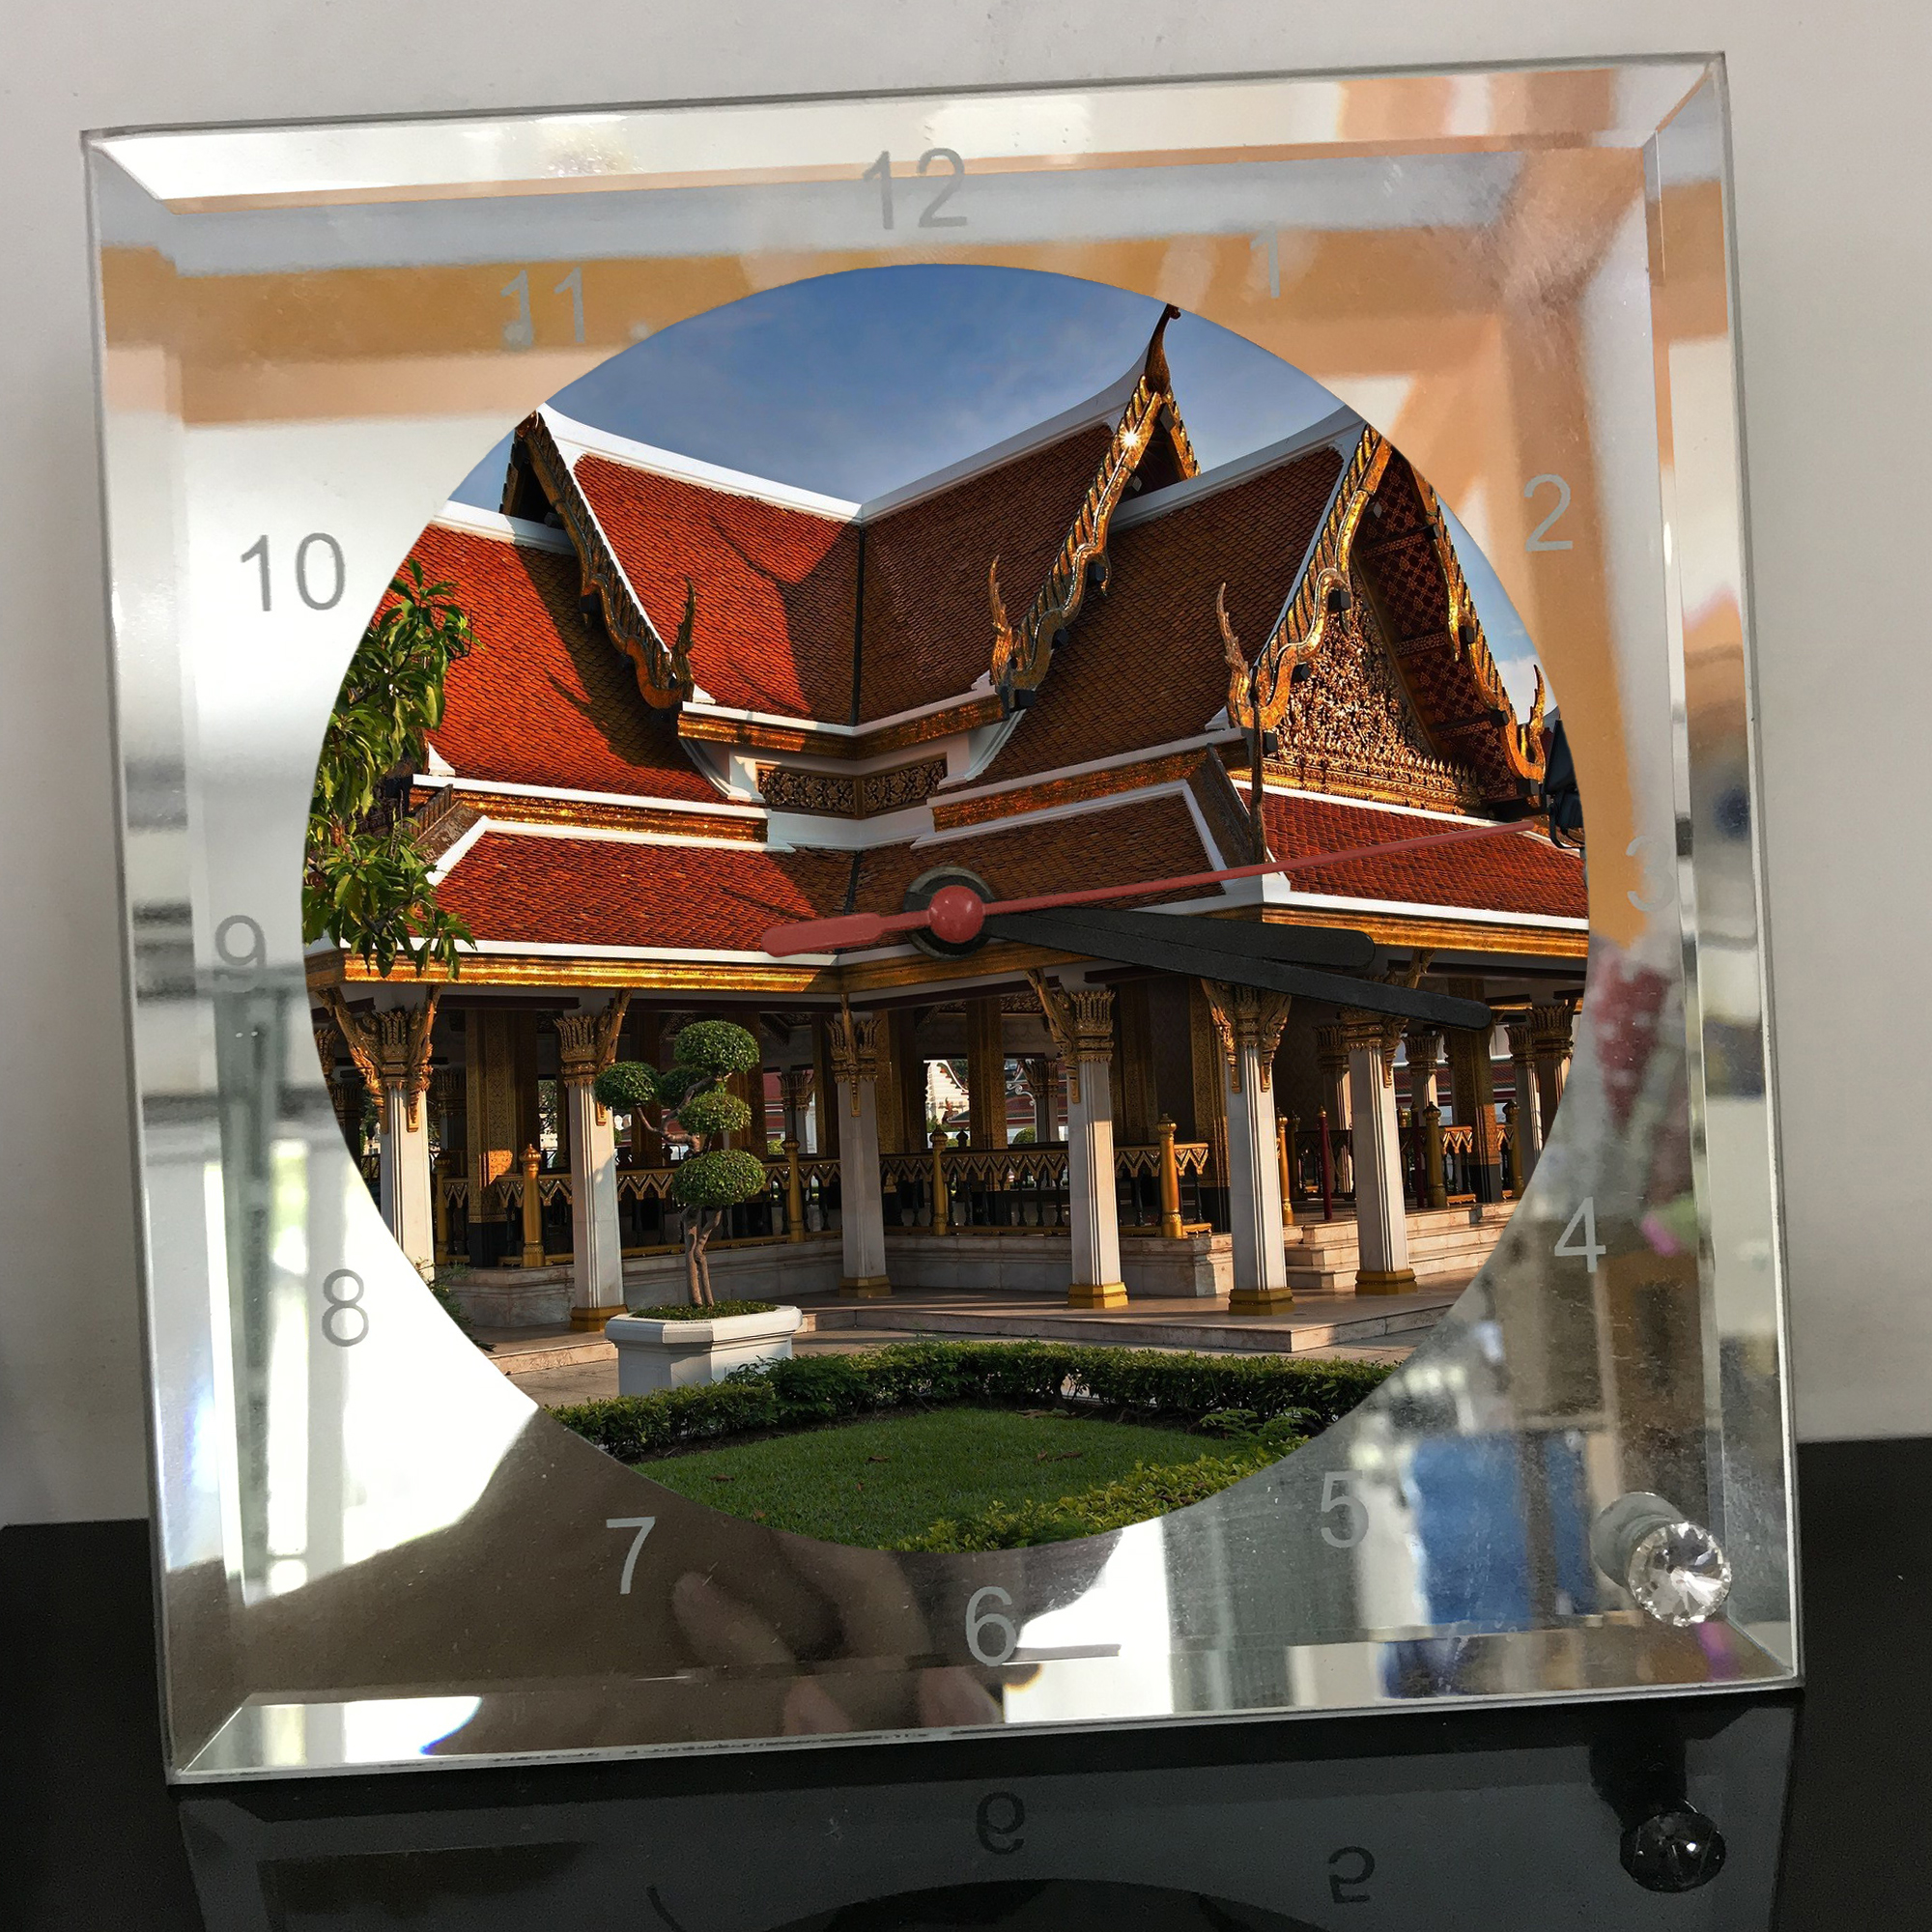 Đồng hồ thủy tinh vuông 20x20 in hình Temple - đền thờ (39) . Đồng hồ thủy tinh để bàn trang trí đẹp chủ đề tôn giáo